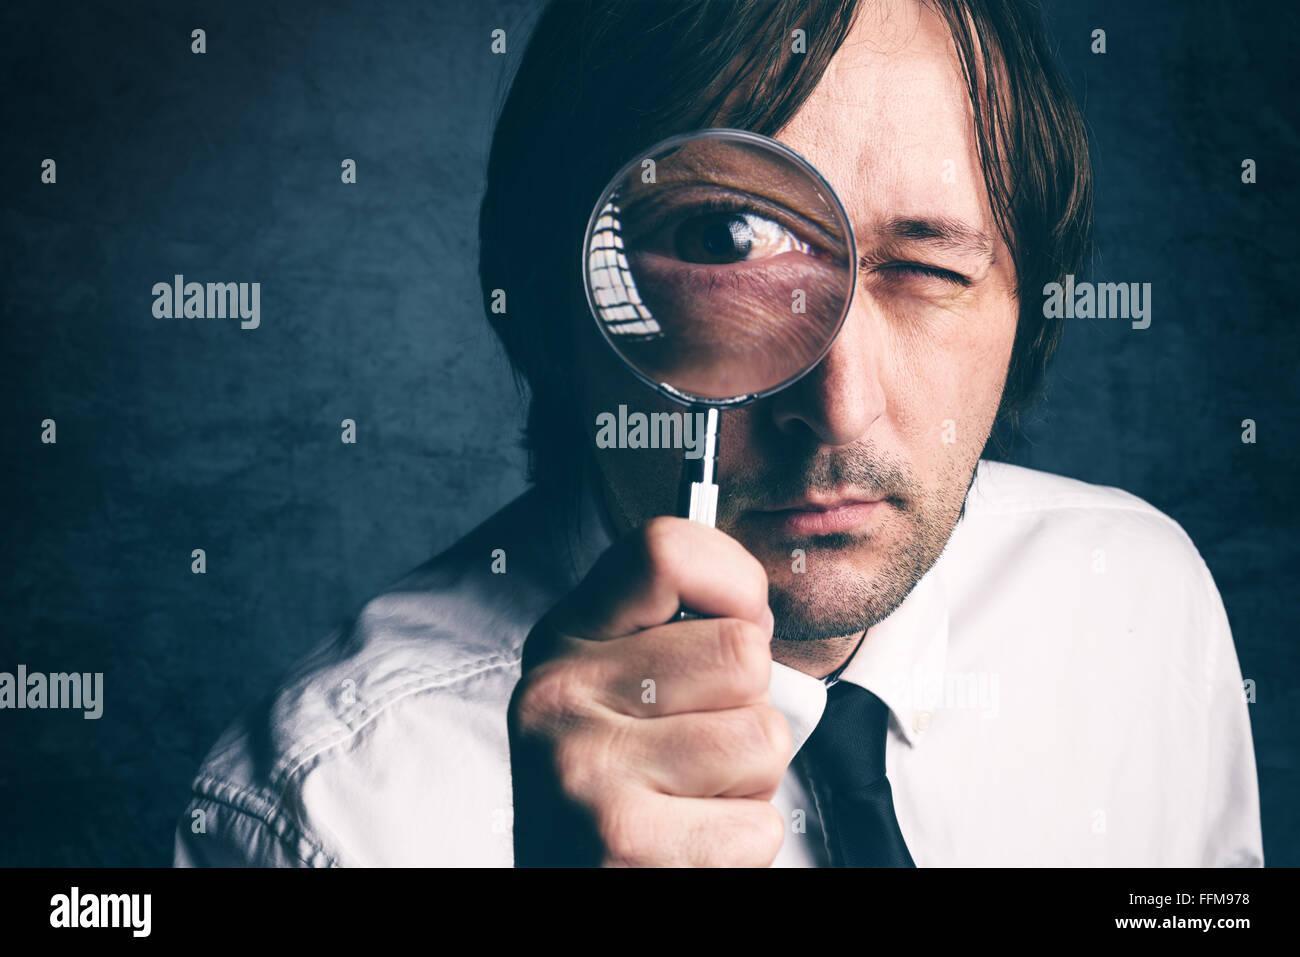 Imprenditore con lente di ingrandimento, ispettore fiscale facendo del controllo finanziario, dai toni retrò, Immagini Stock